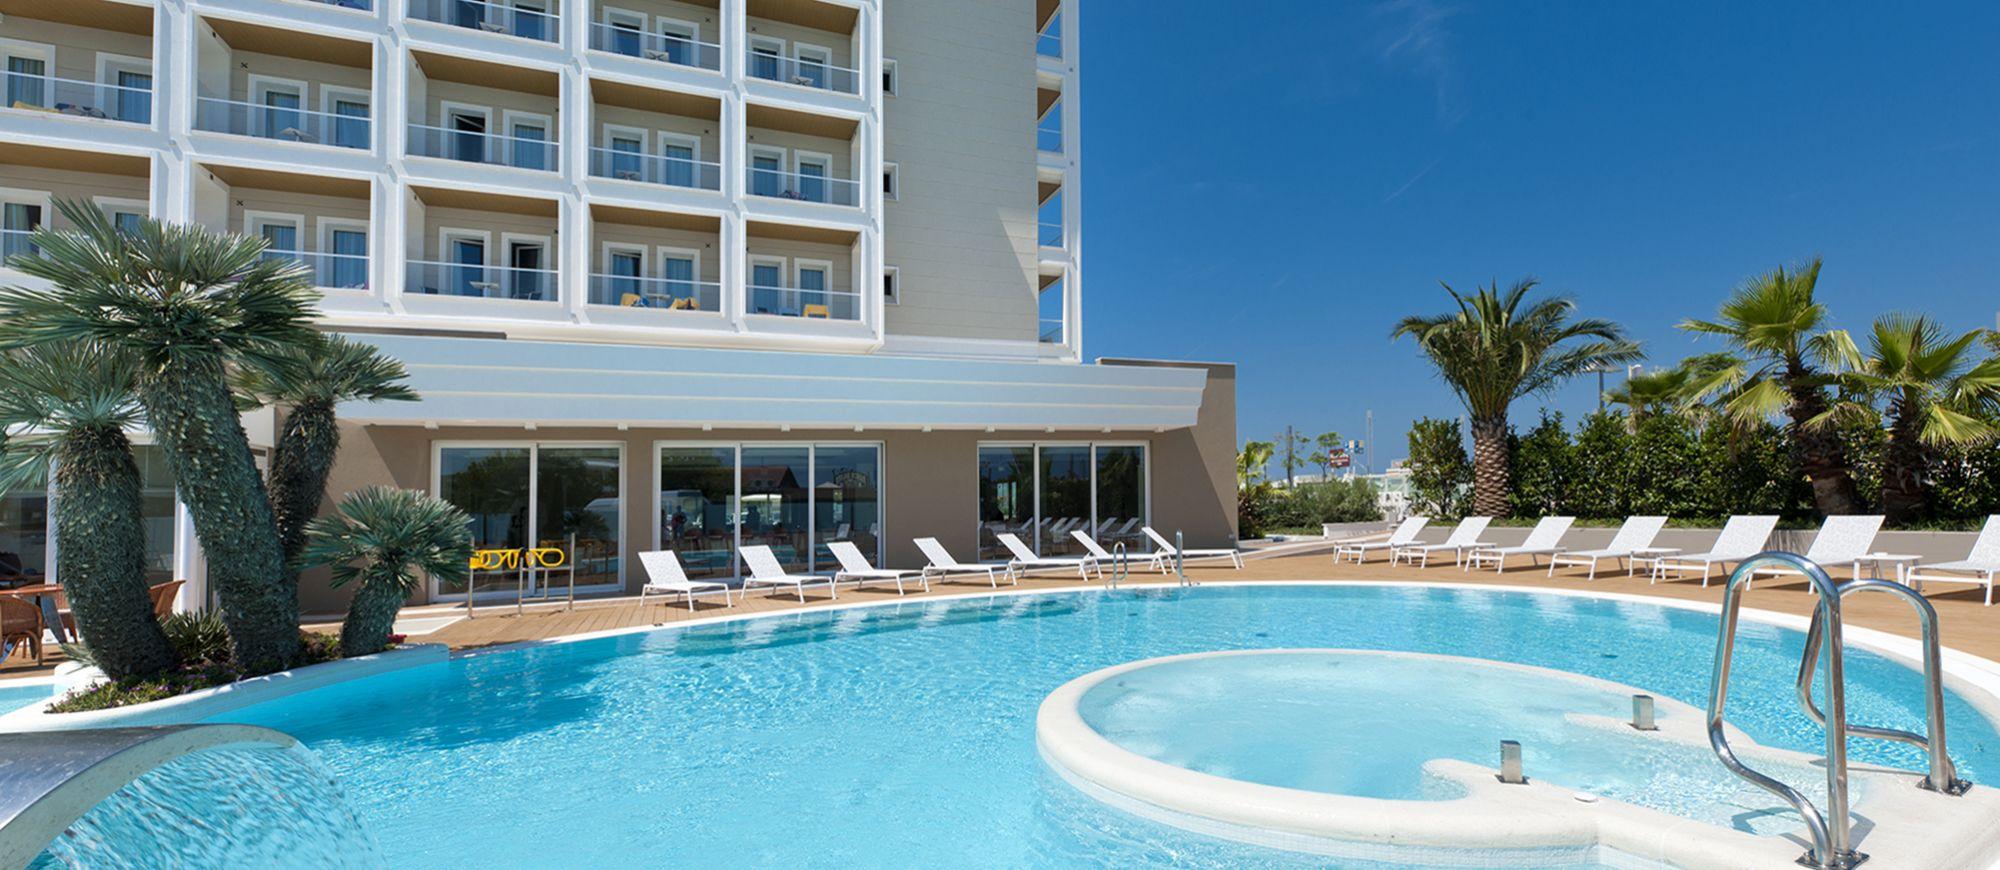 Hotel riccione con piscina alberghi piscina riscaldata ambasciatori hotel - Hotel a pejo con piscina ...